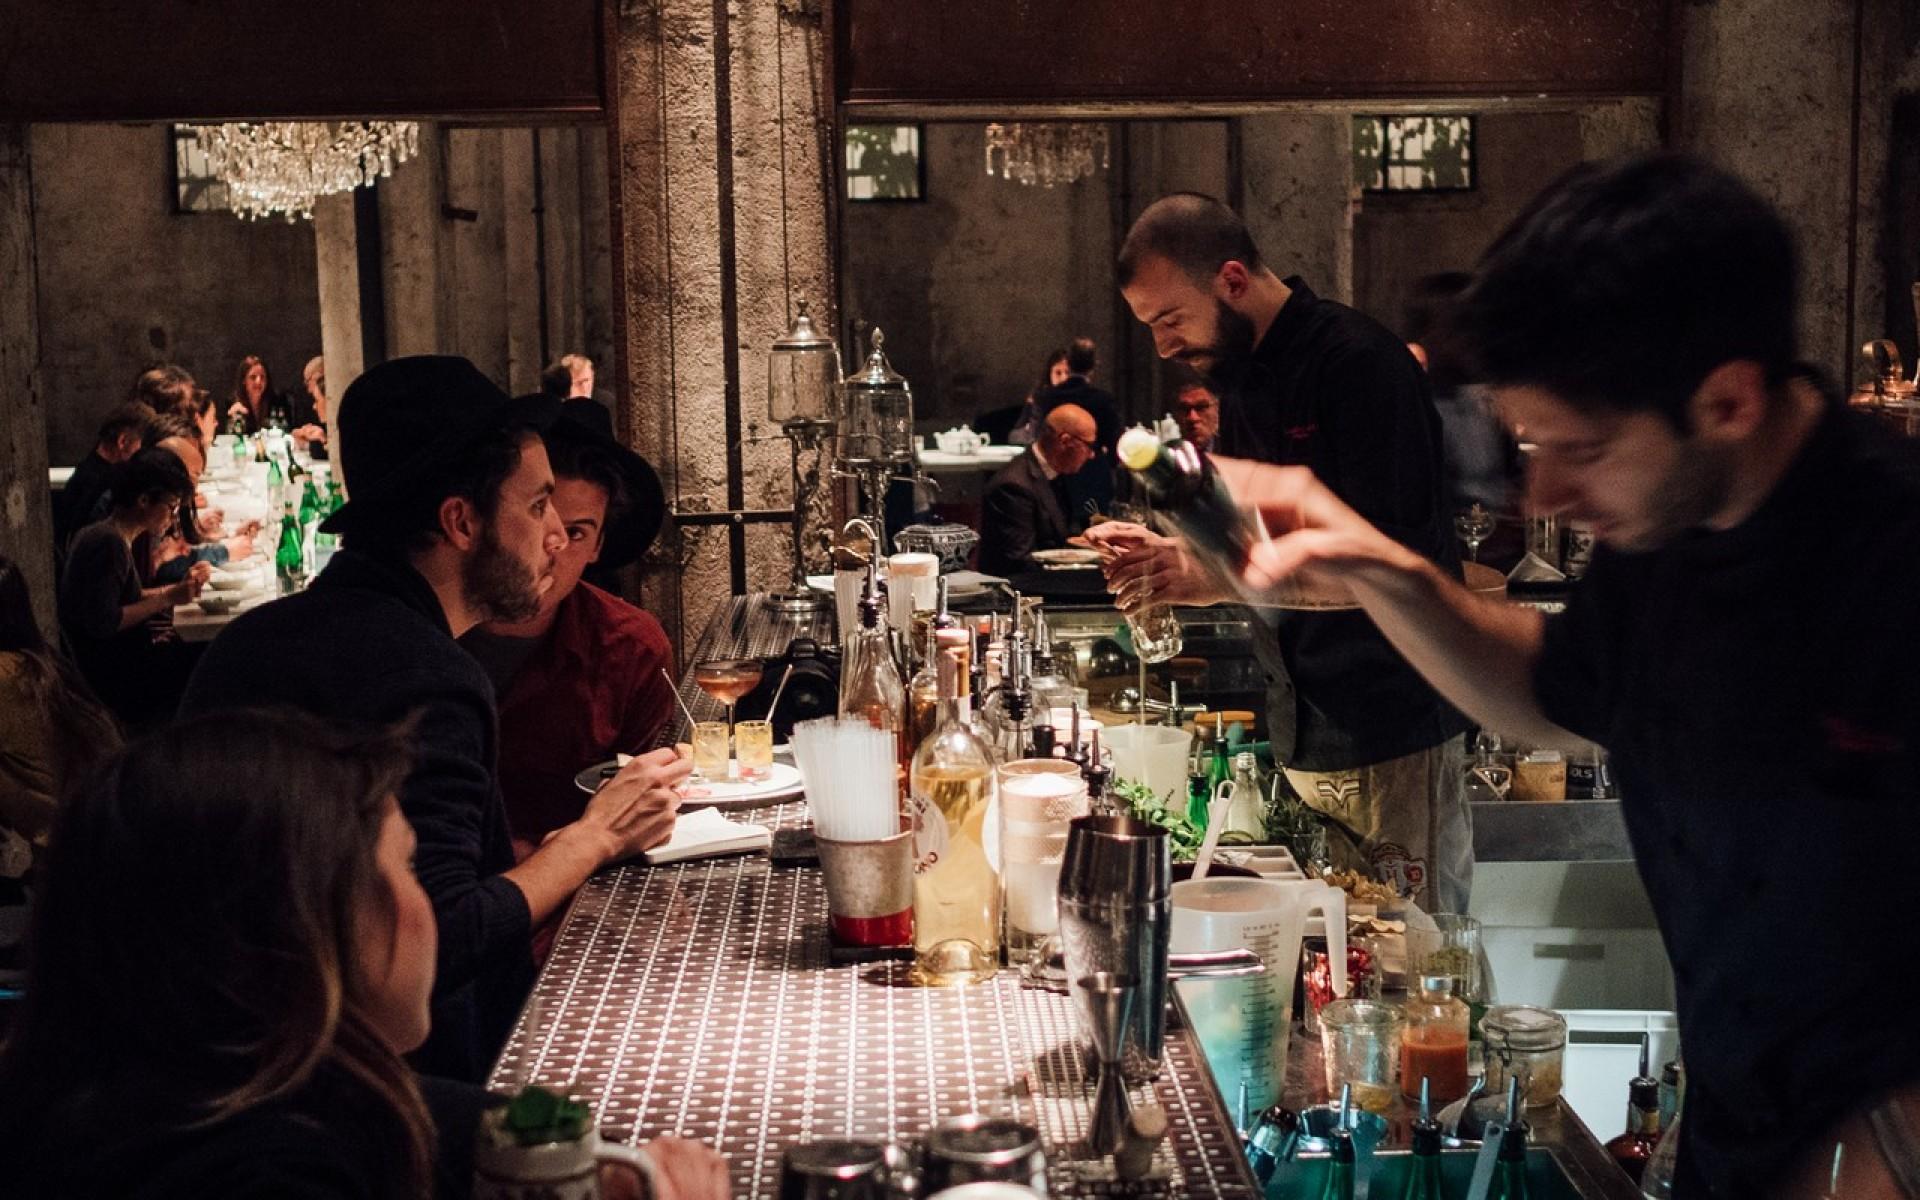 Arredamento Bar Su Misura.Arredamento Bar Su Misura Arredo Bar E Organizzazione Retrobanco